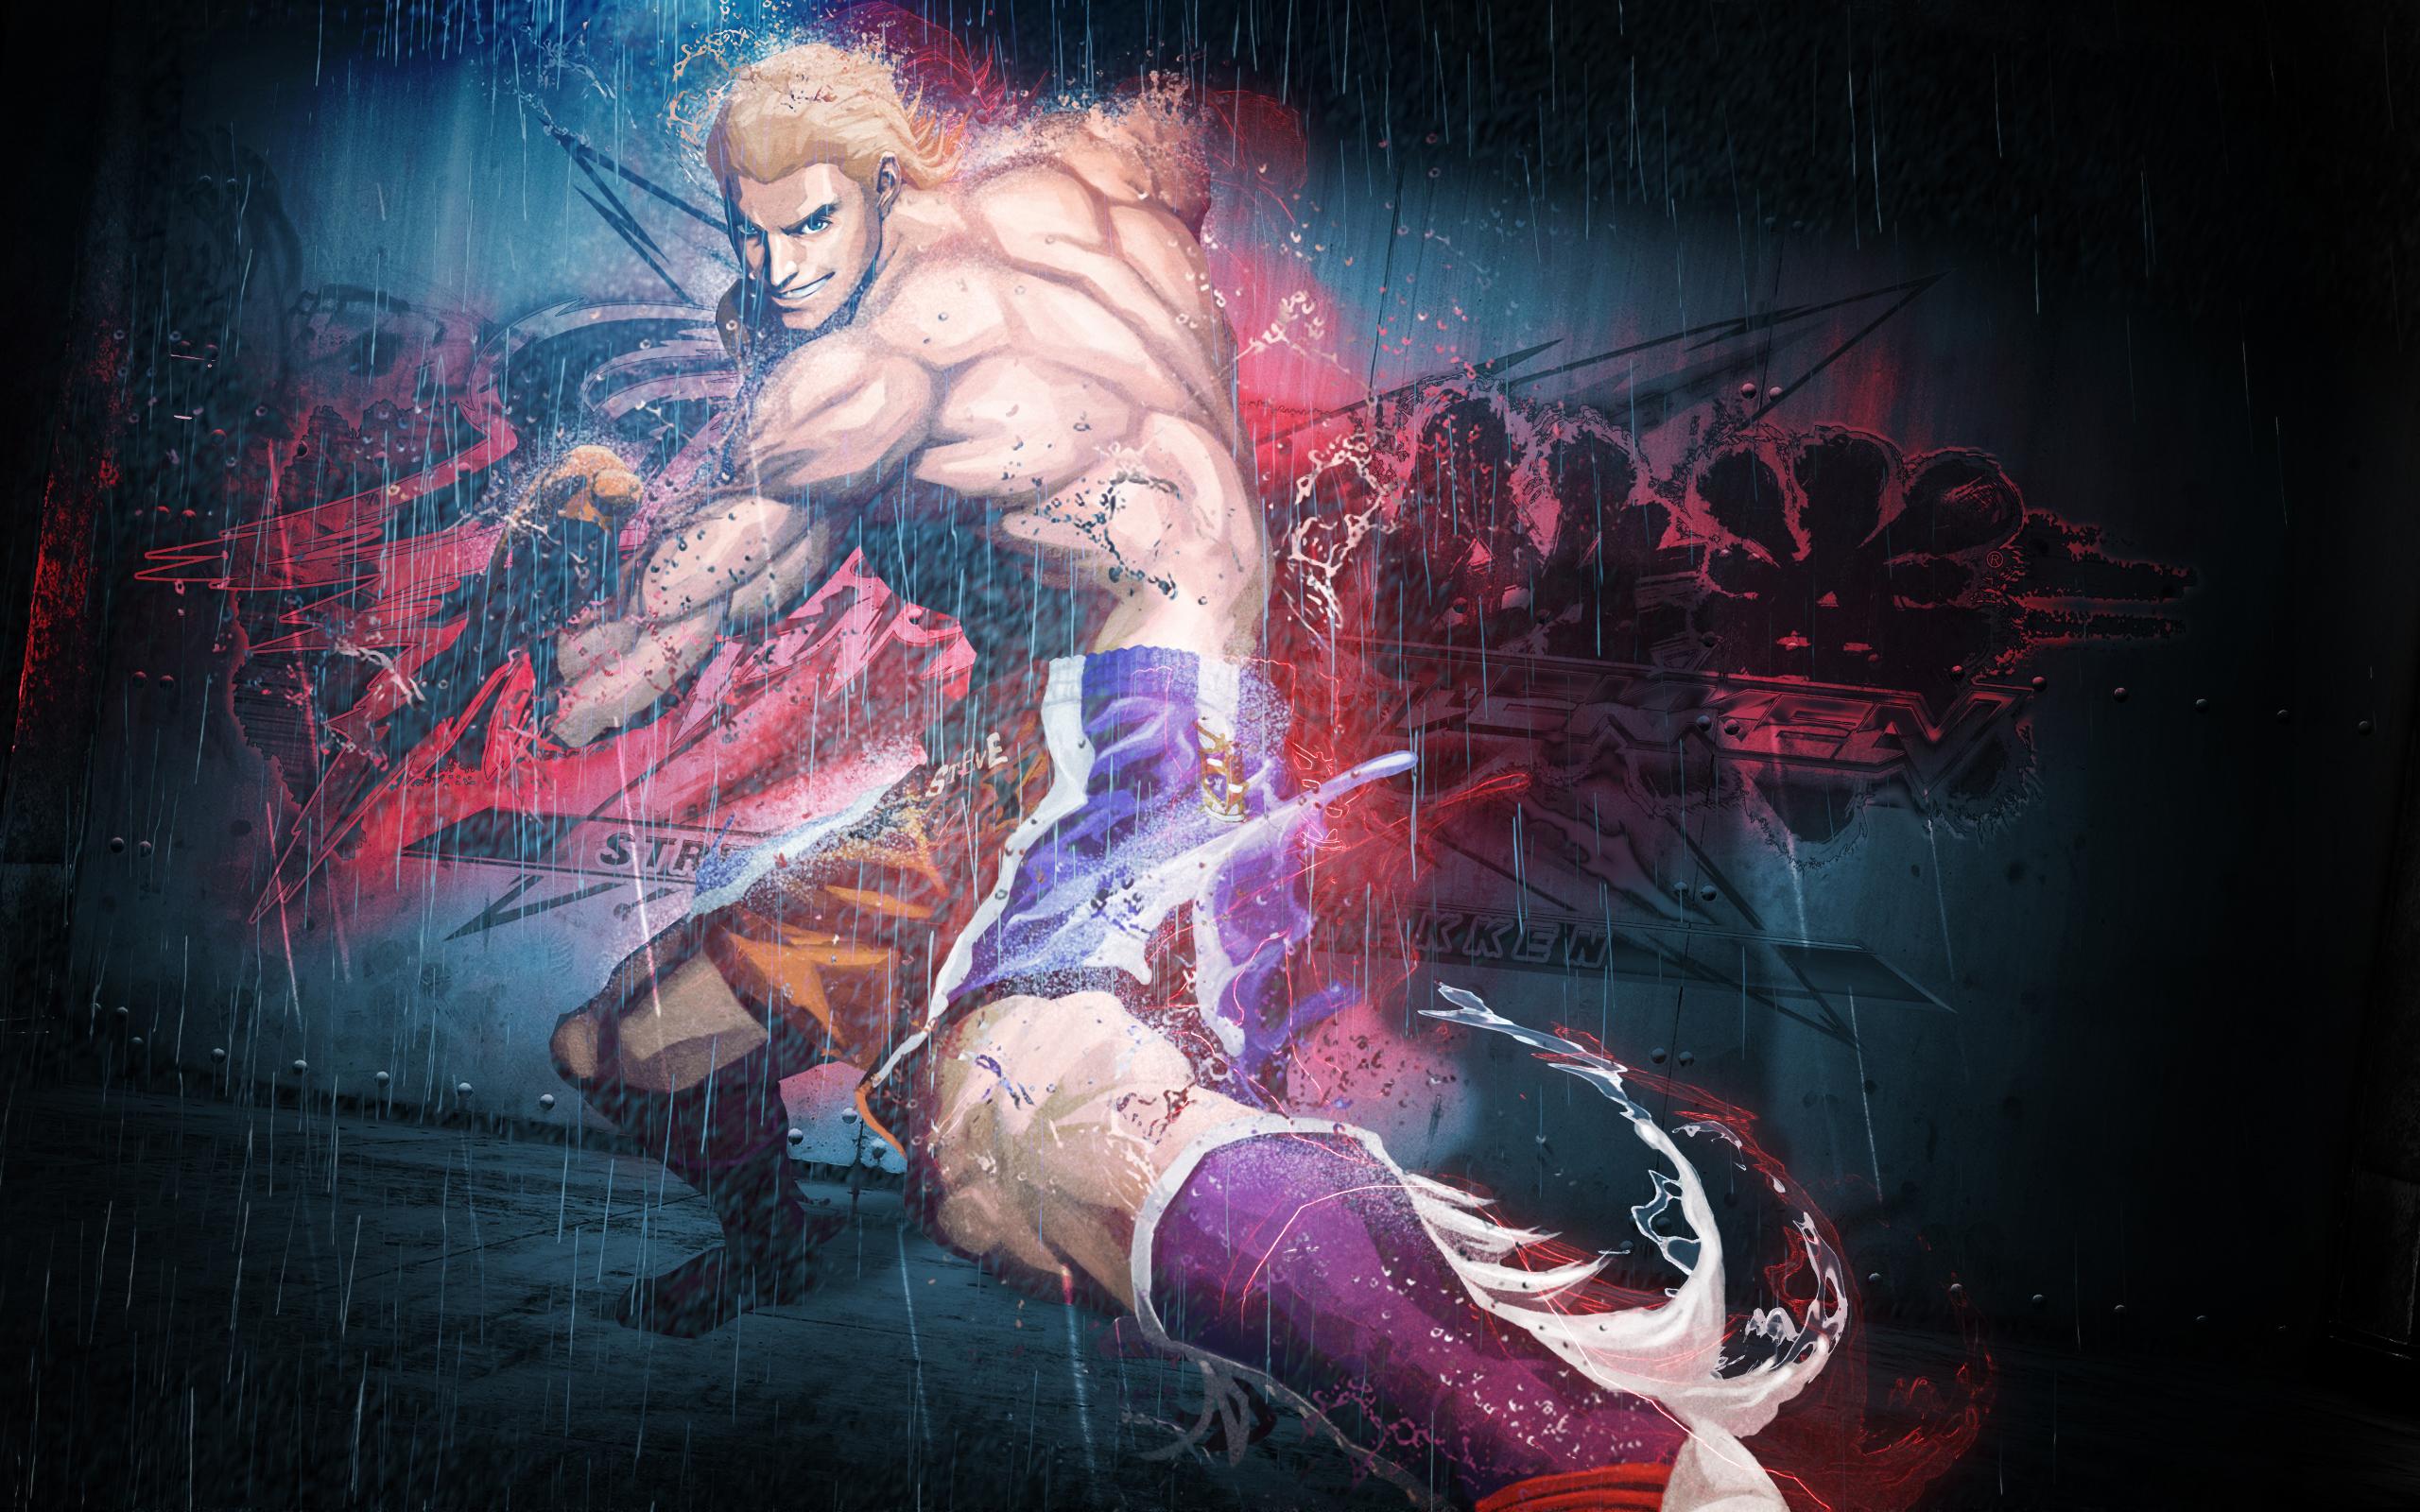 Steve Fox in Tekken Wallpapers HD Wallpapers 2560x1600